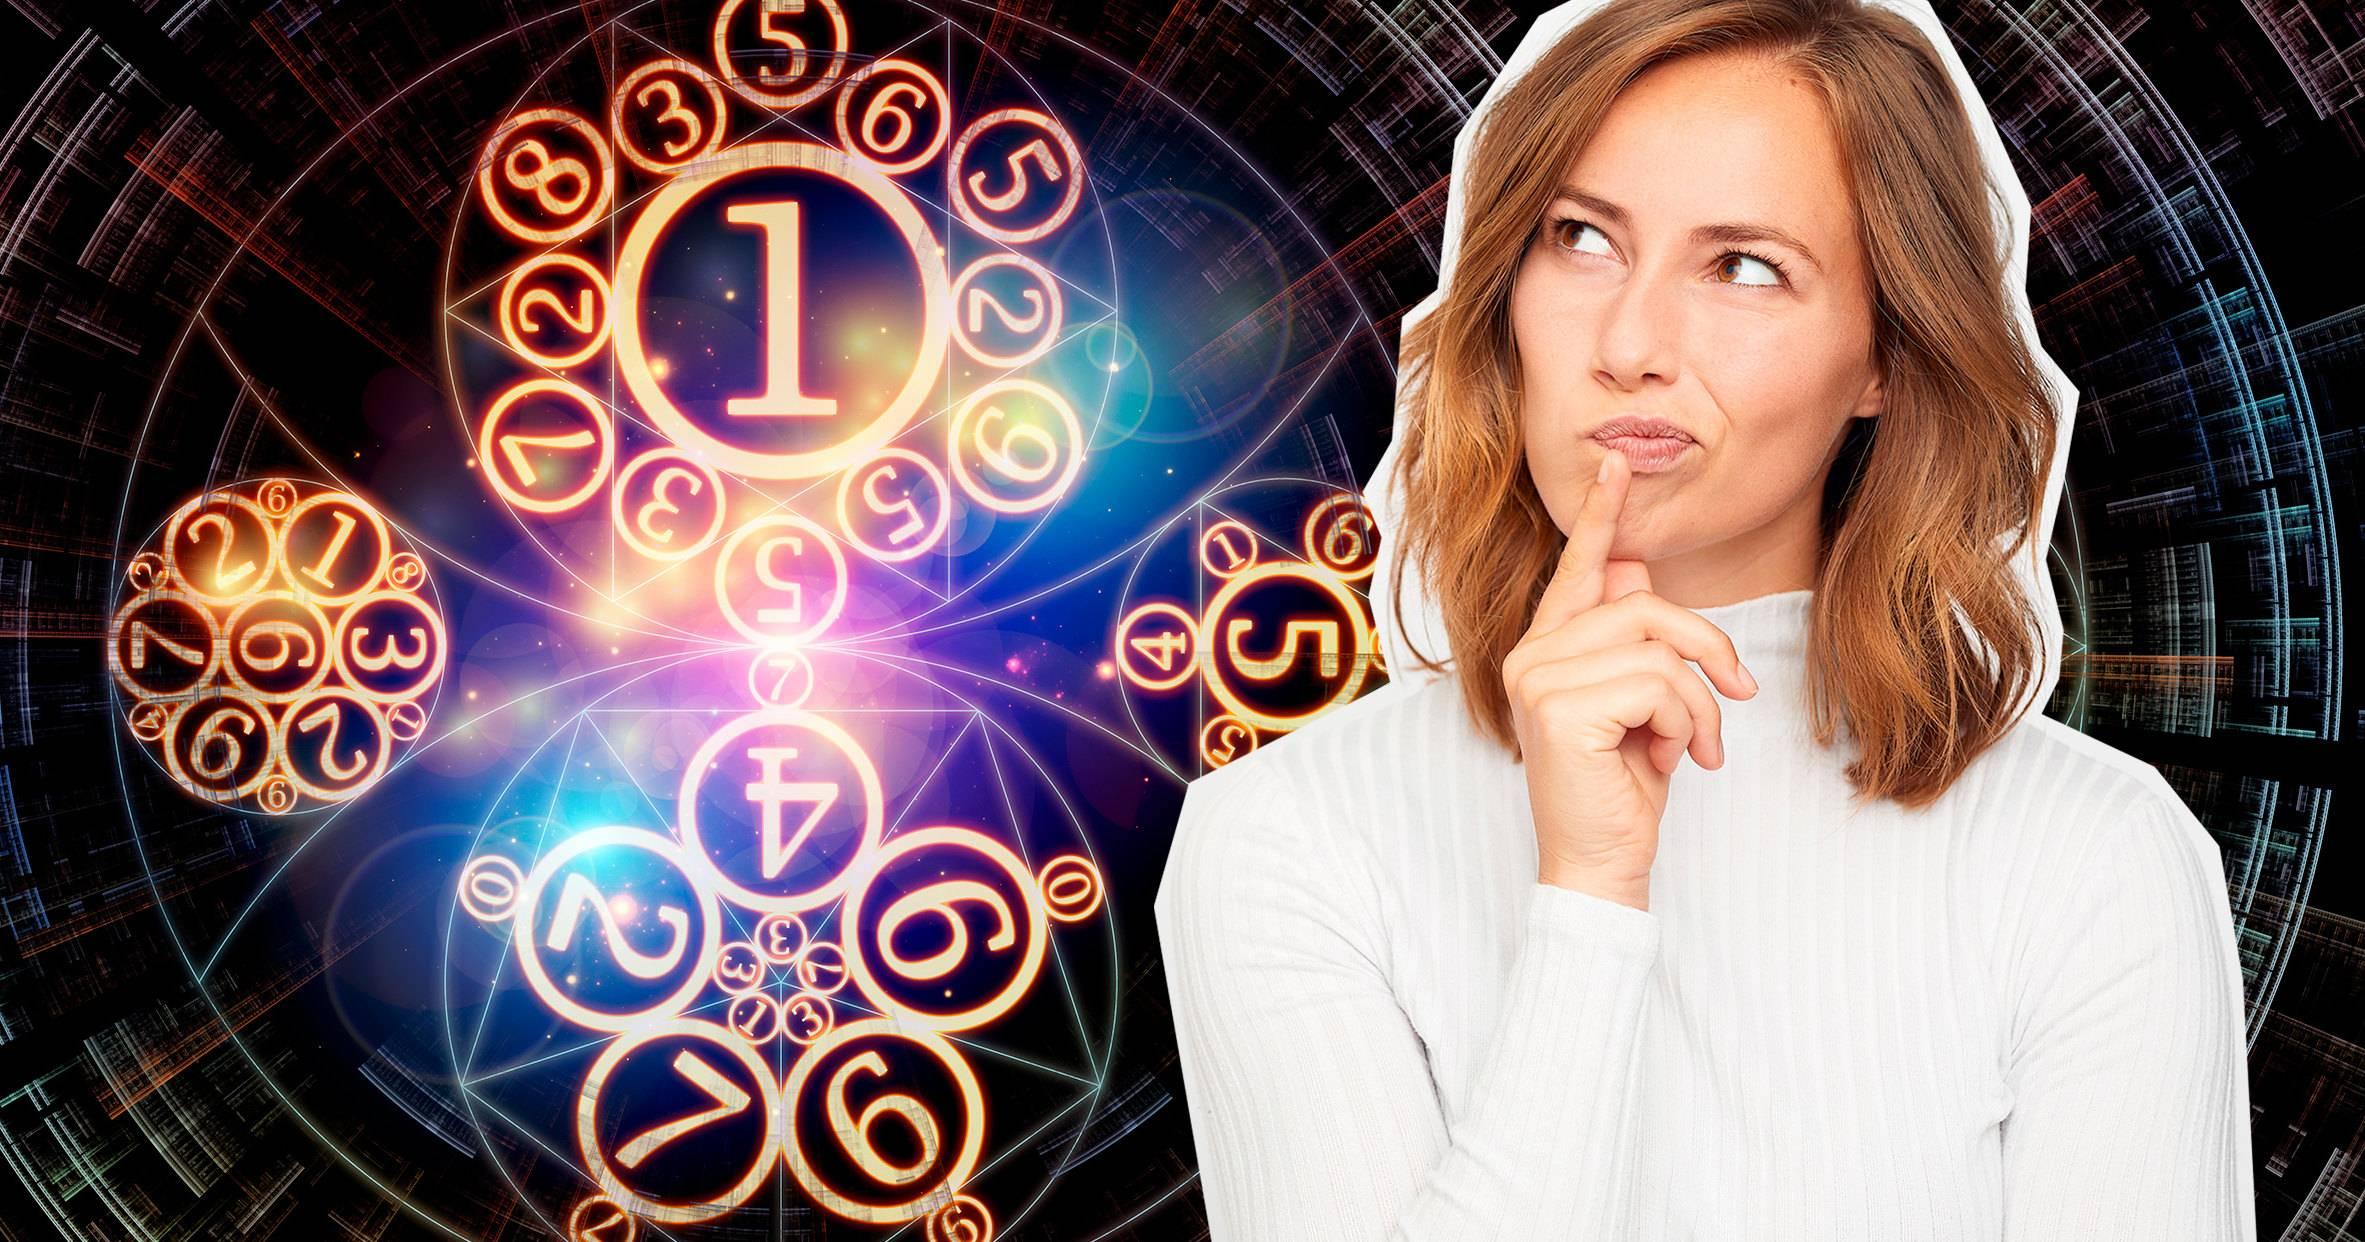 Как узнать своё предназначение по нумерологии?